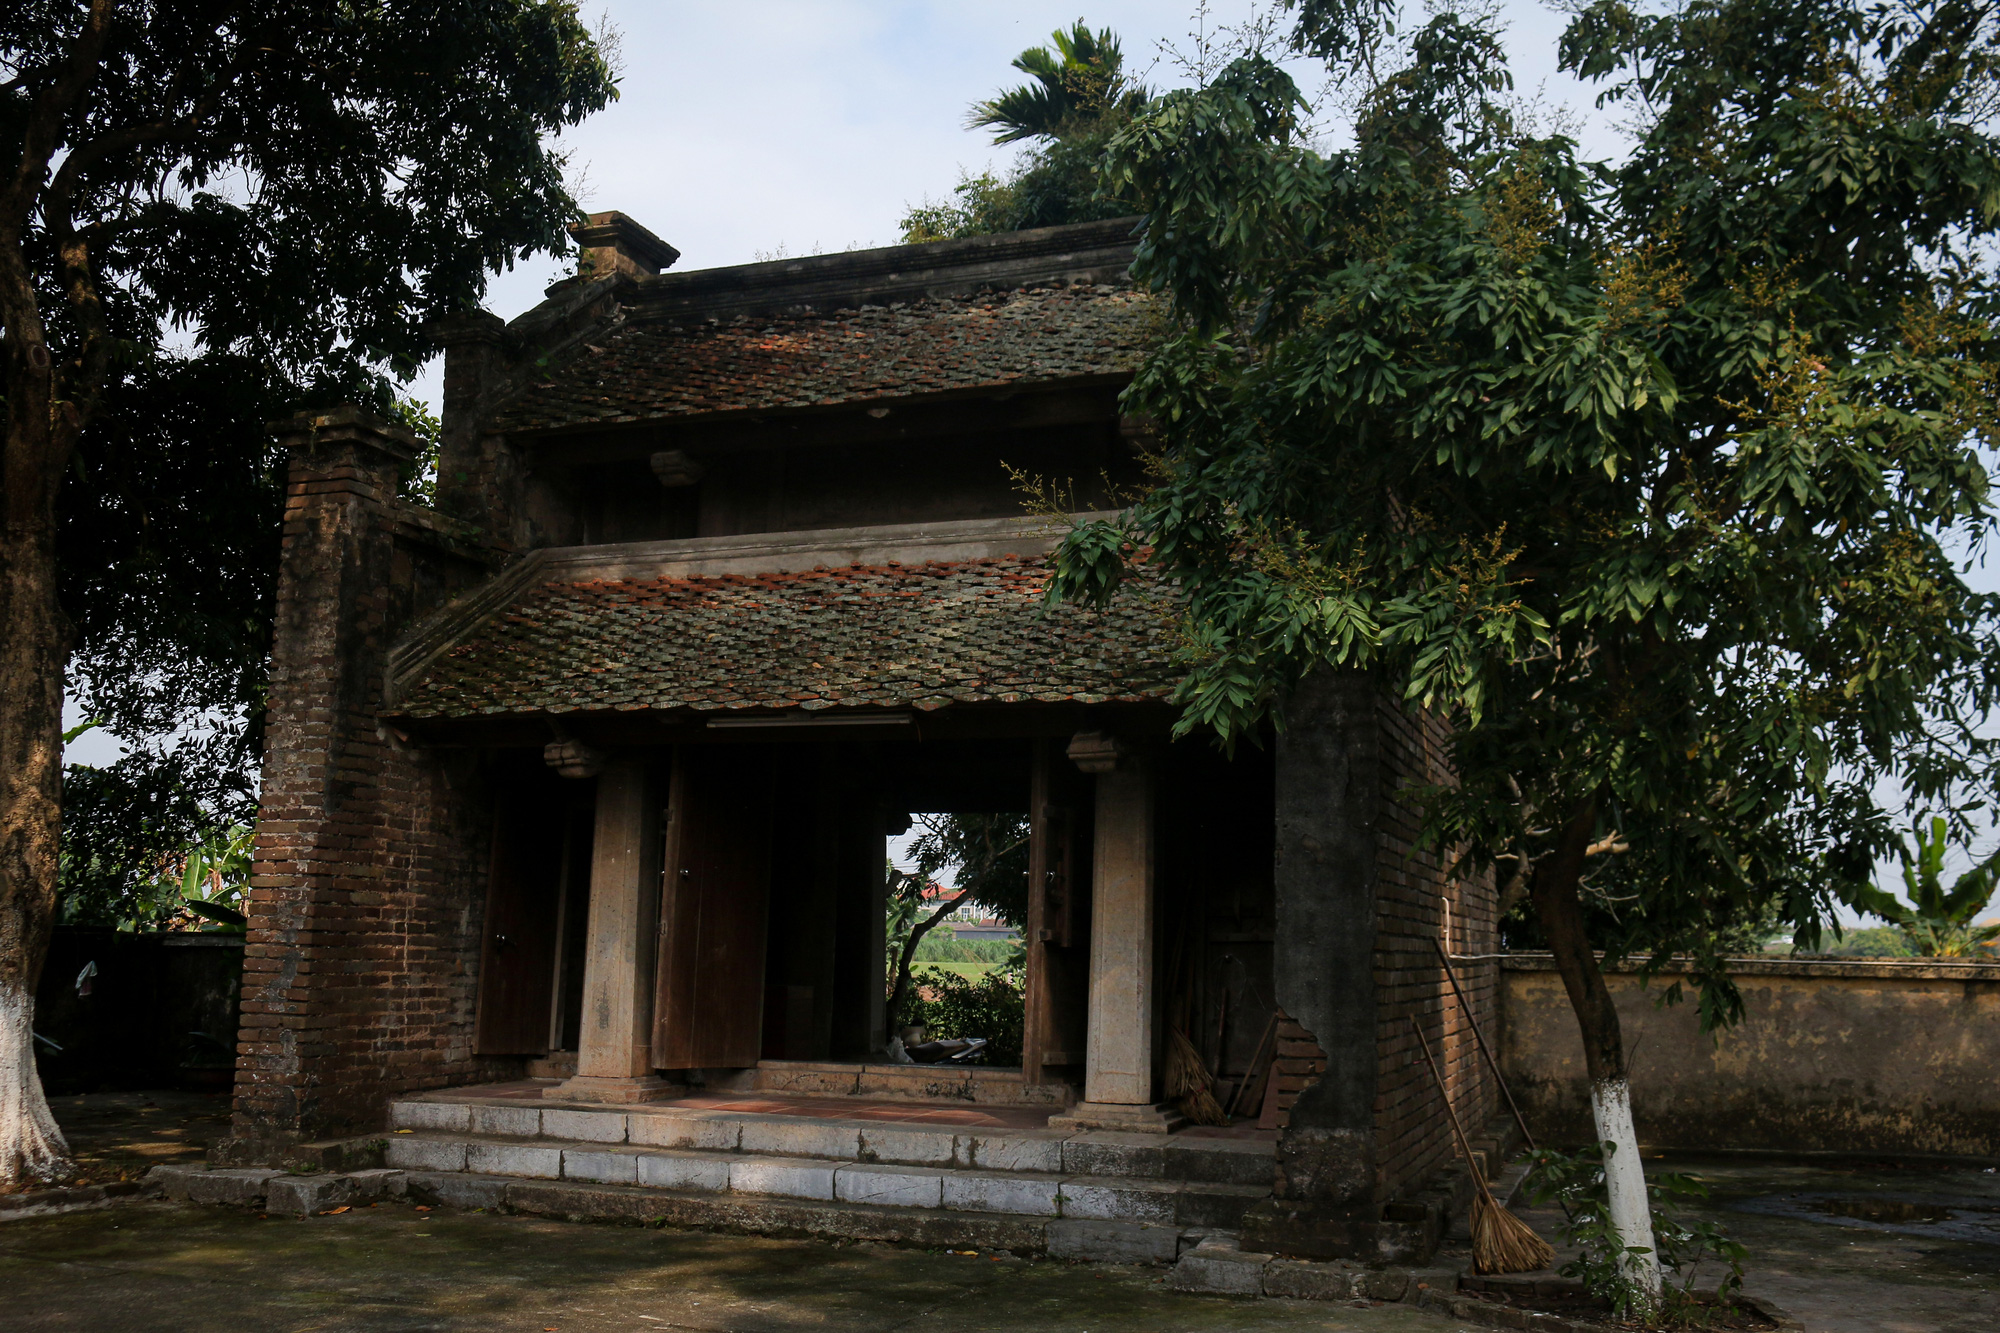 Đền đá Phú Đa: Nét kiến trúc độc đáo tồn tại hơn 300 năm lịch sử - Ảnh 6.